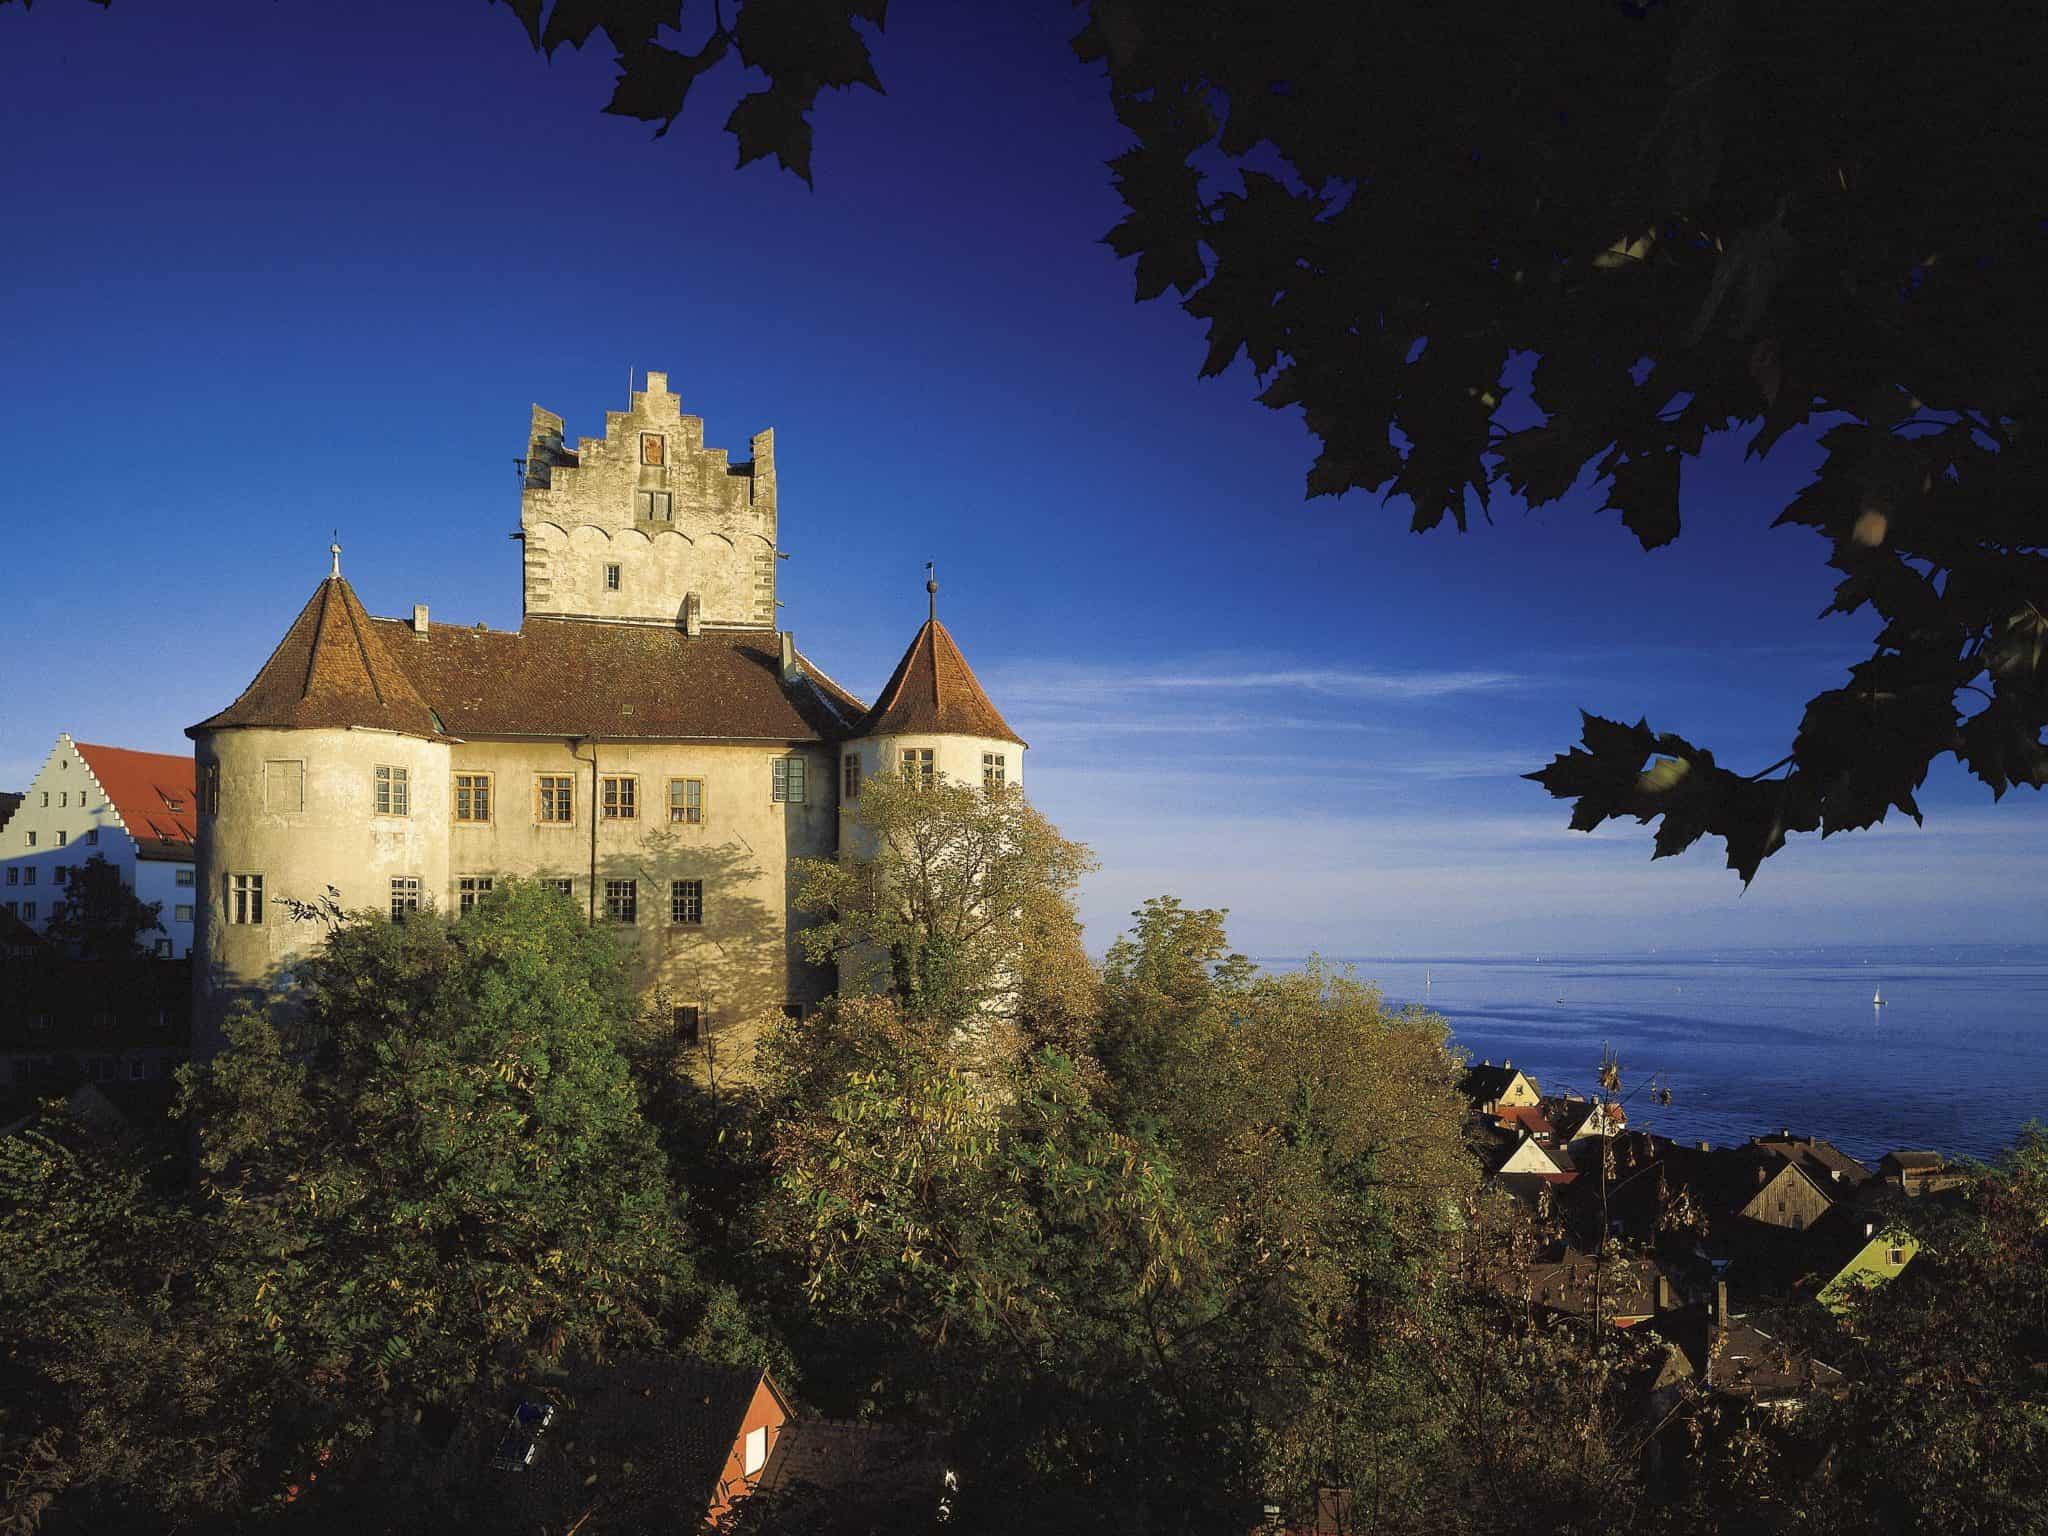 Ferienwohnung Meersburg Die Burg